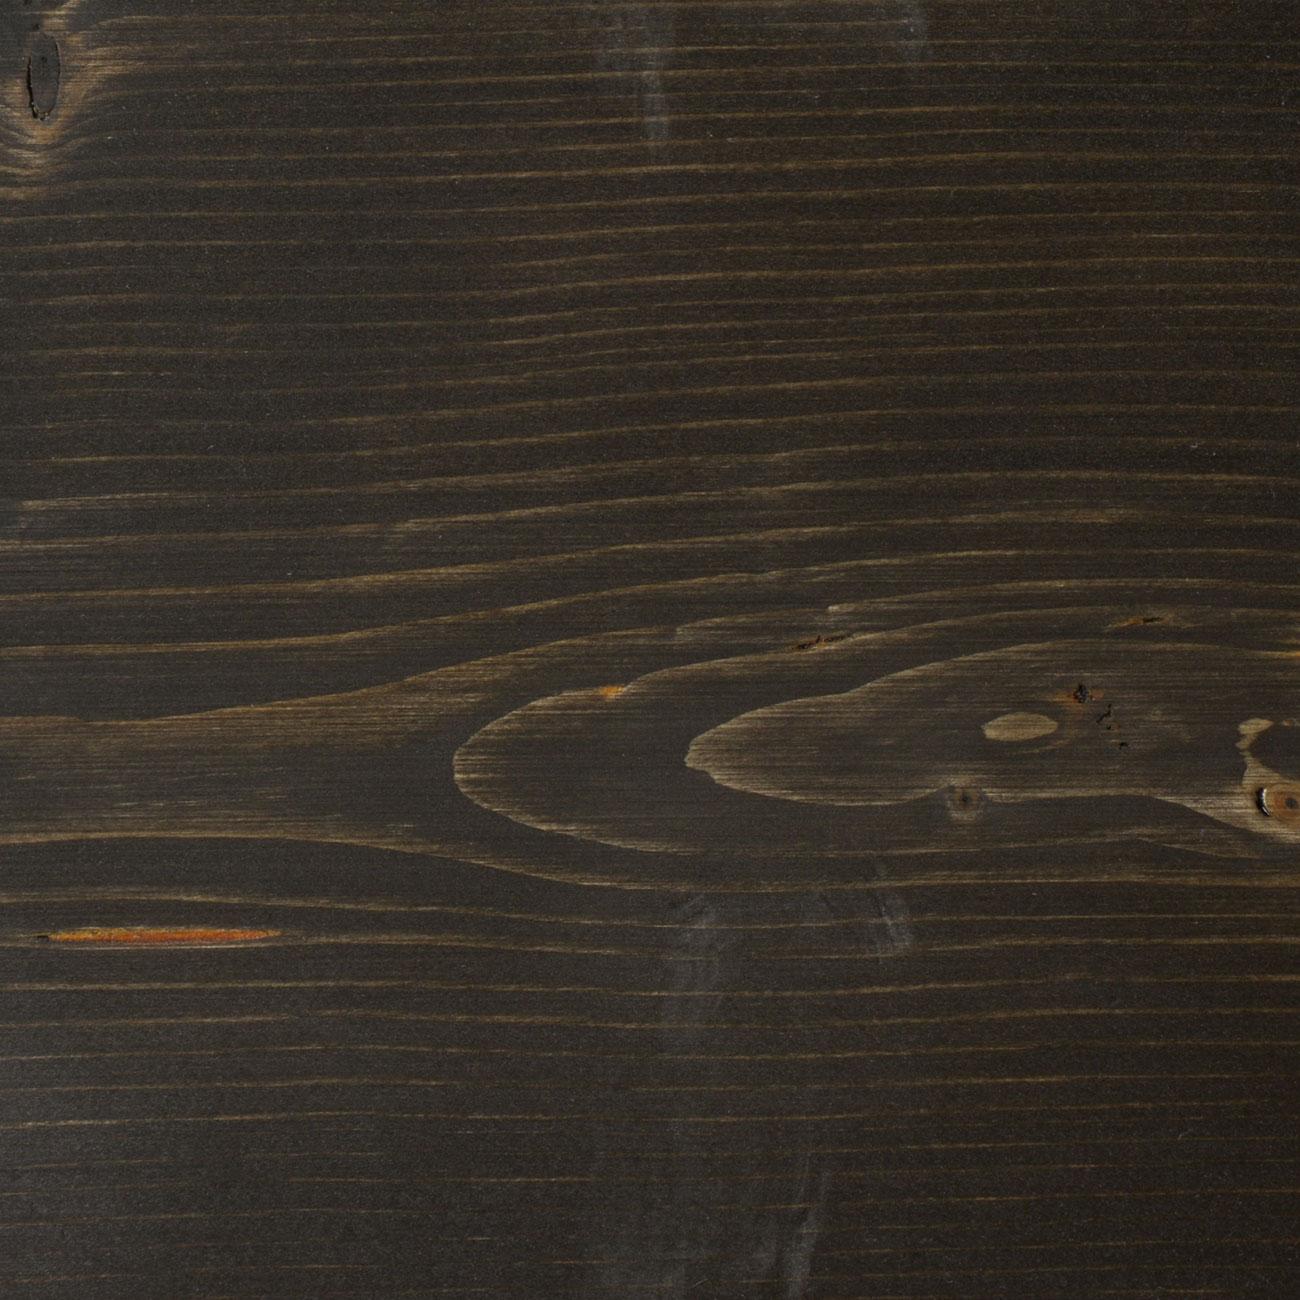 105. Fichte geschliffen und mit Faxe Coloröl schwarz geölt